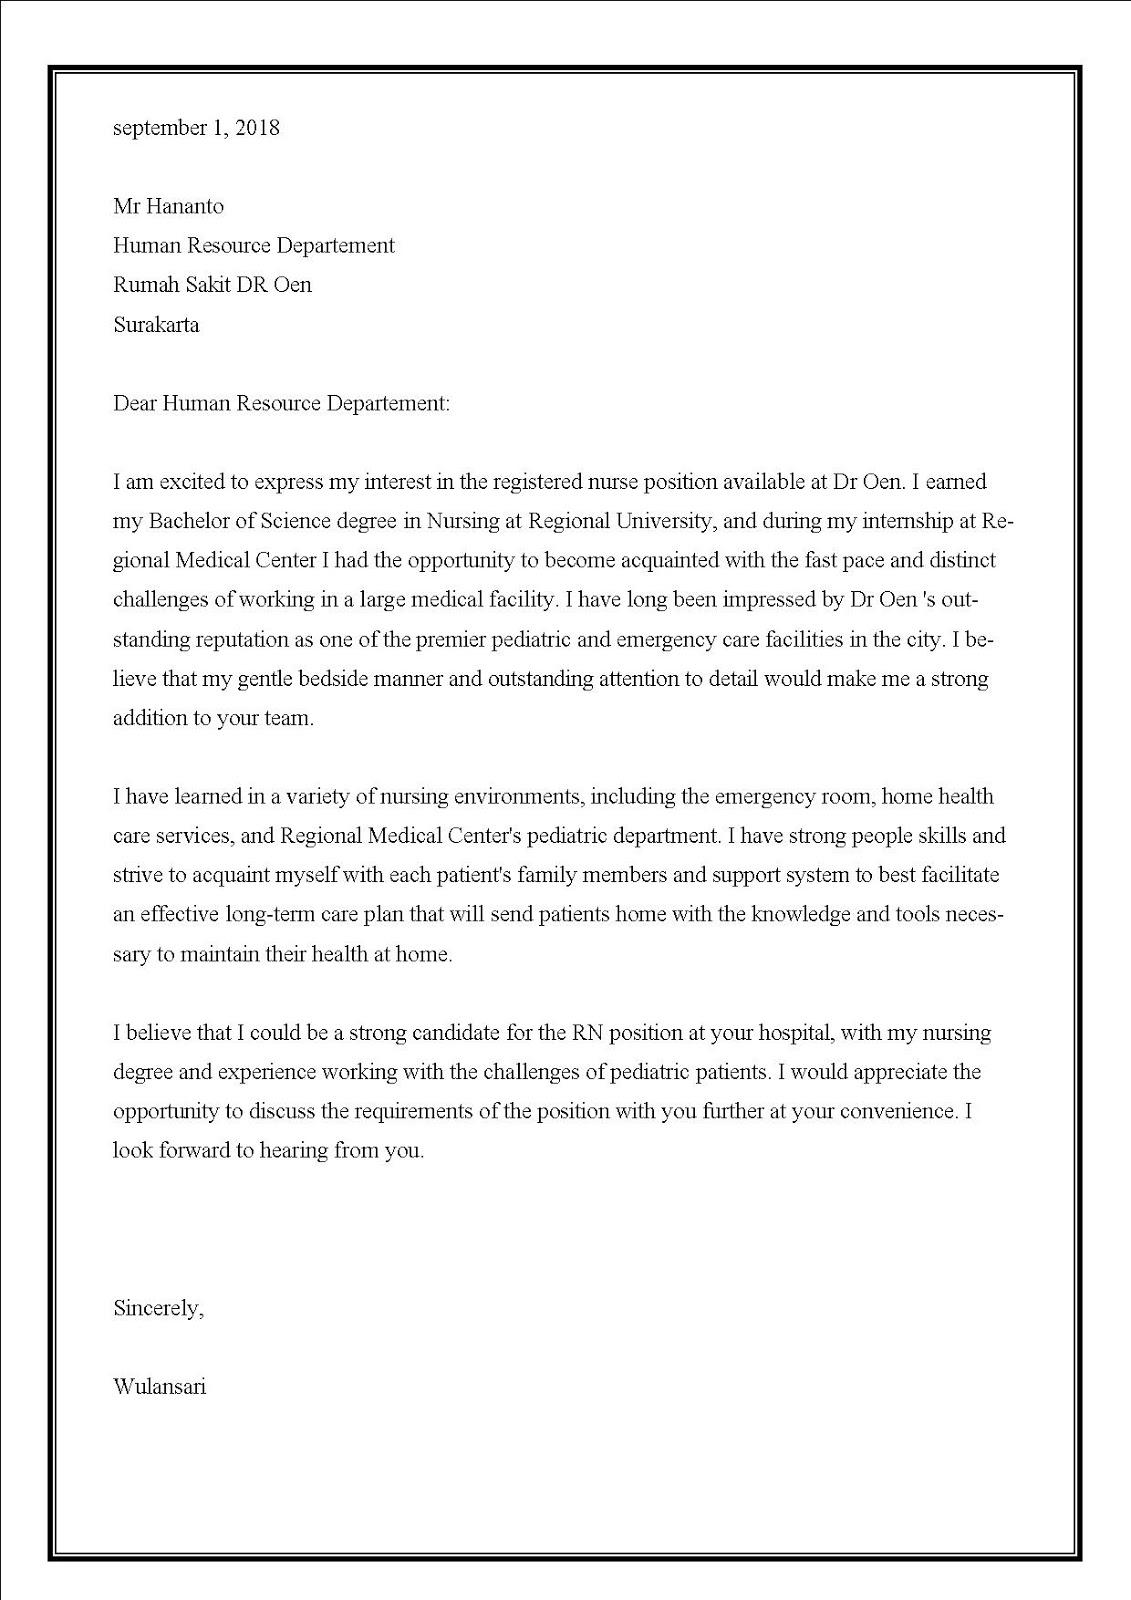 Contoh surat lamaran kerja di rumah sakit swasta sebagai perawat dalam bahasa Inggris